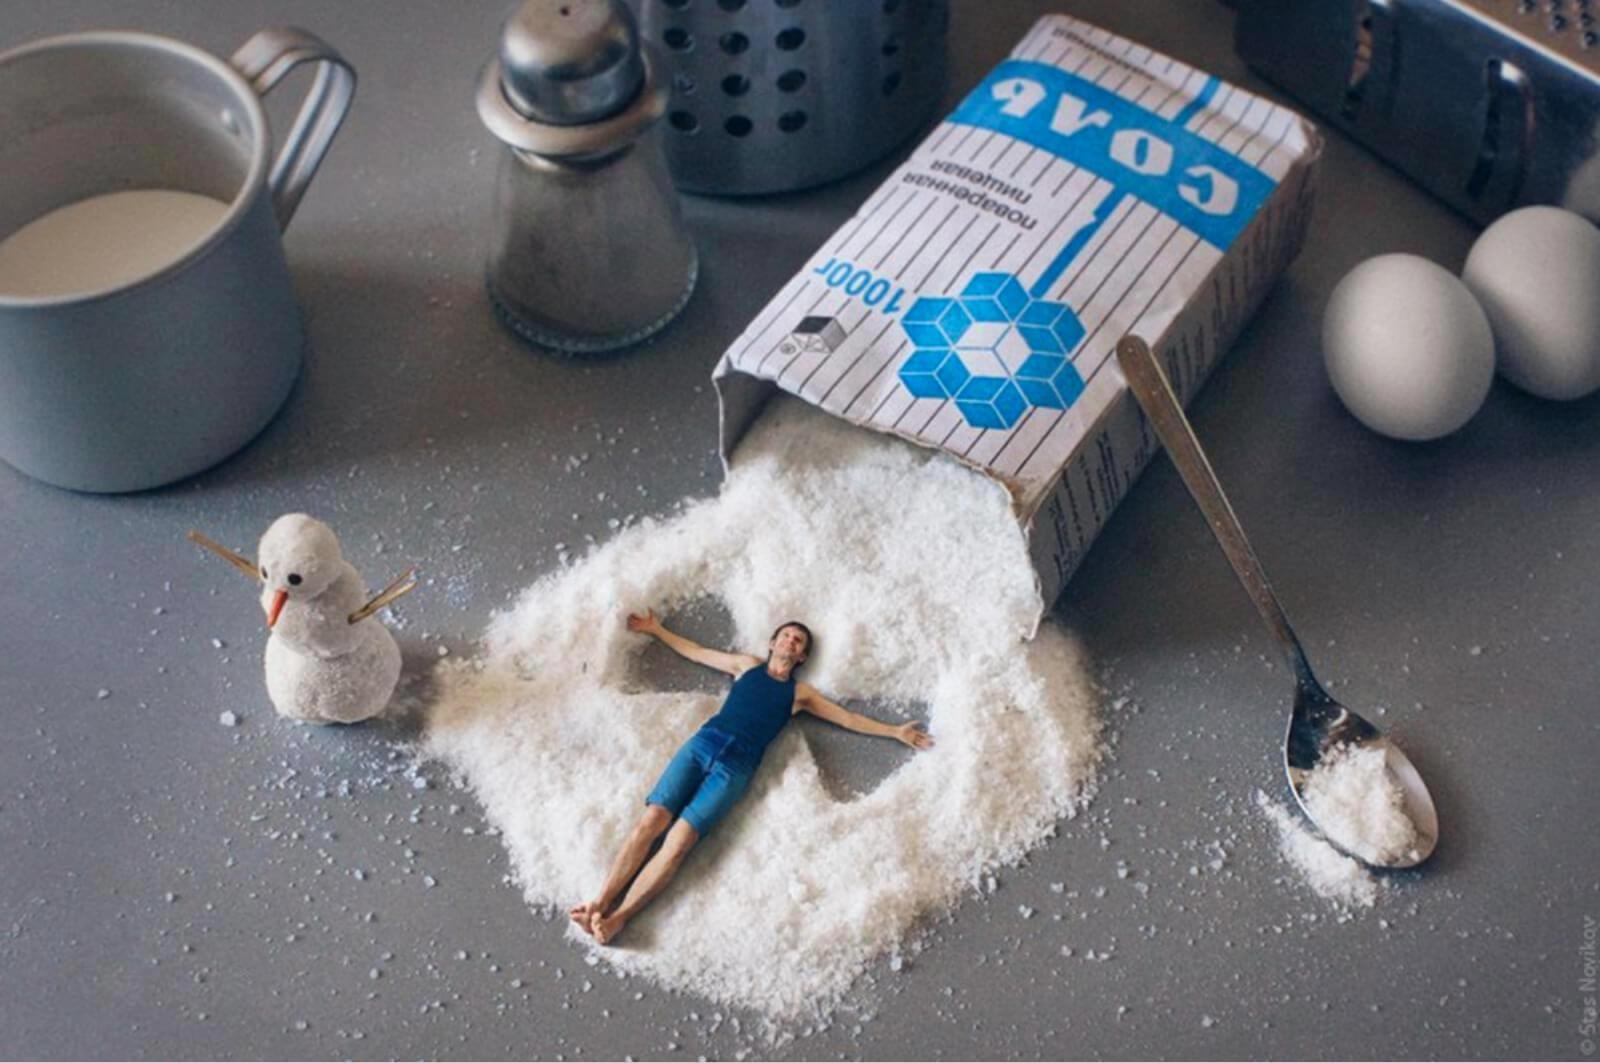 Соль увеличивает риск смерти гипертоников